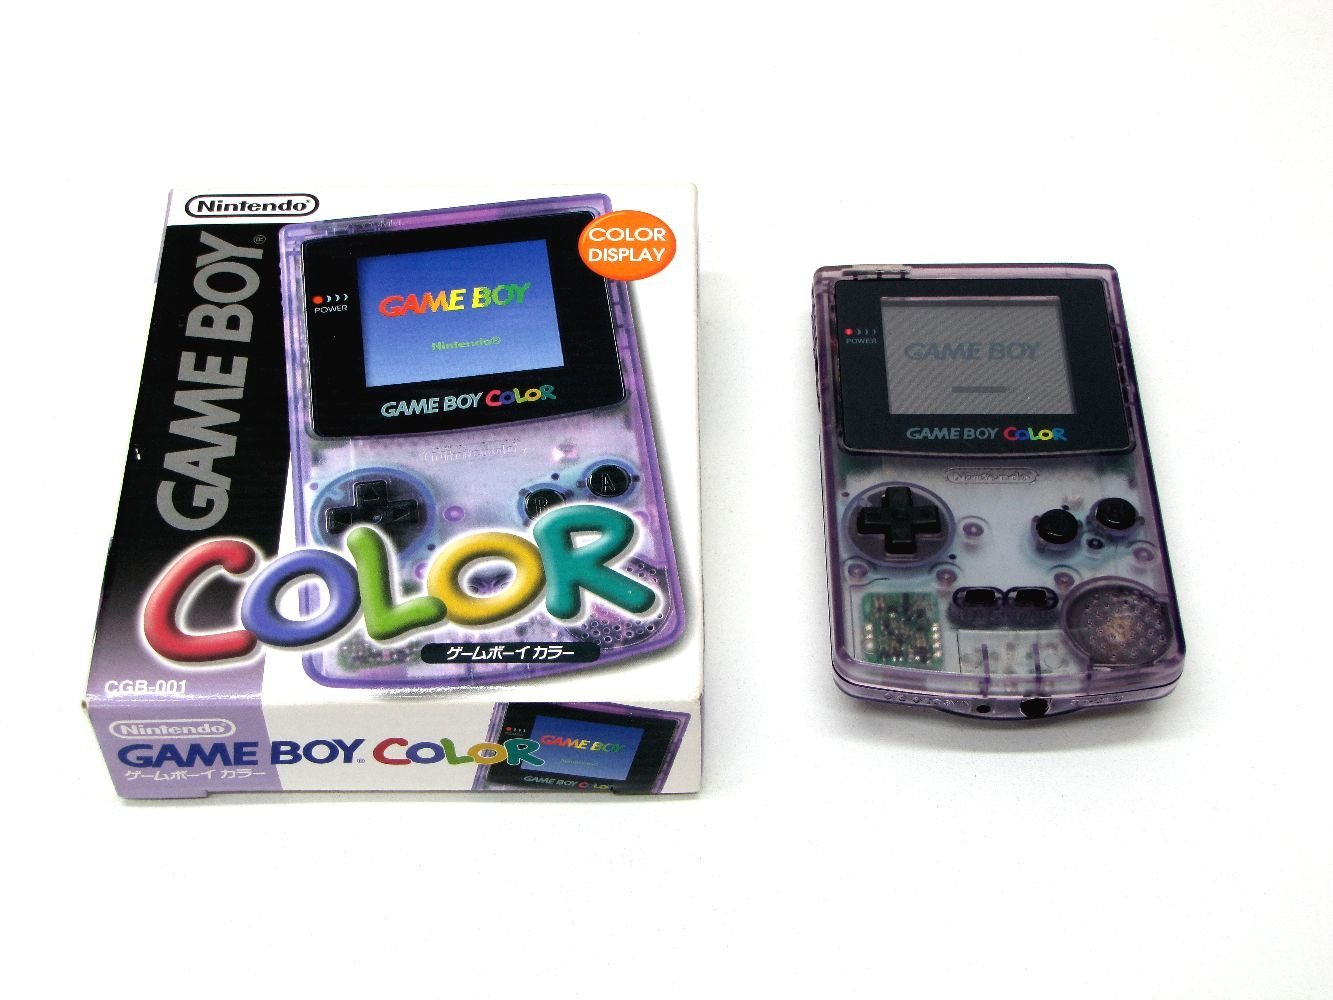 GBC ゲームボーイカラー ゲームボーイ カラー クリアパープル 本体 完品 外箱付き Nintendo 任天堂 ニンテンドー 中古 4902370503739 送料無料 【中古】